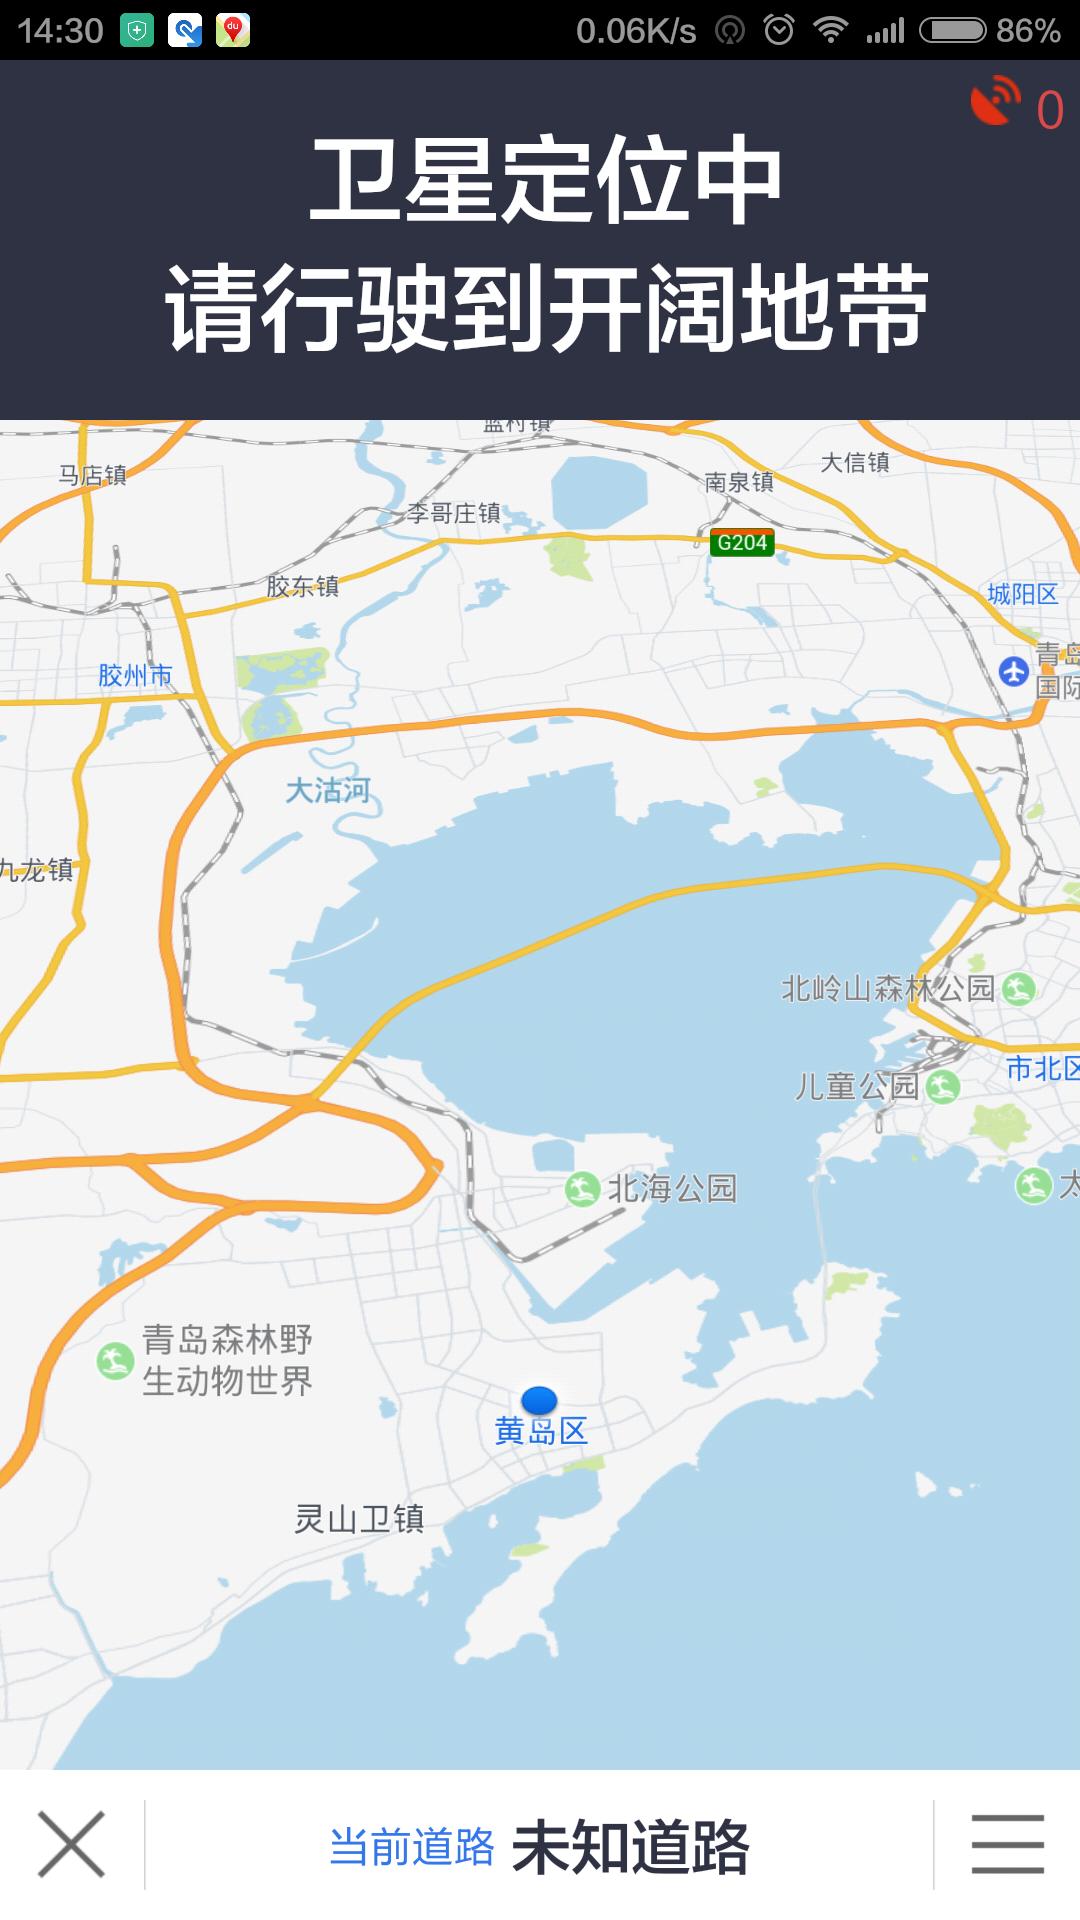 米4打开GPS一直在搜索,百度地图导航提示卫星定位中